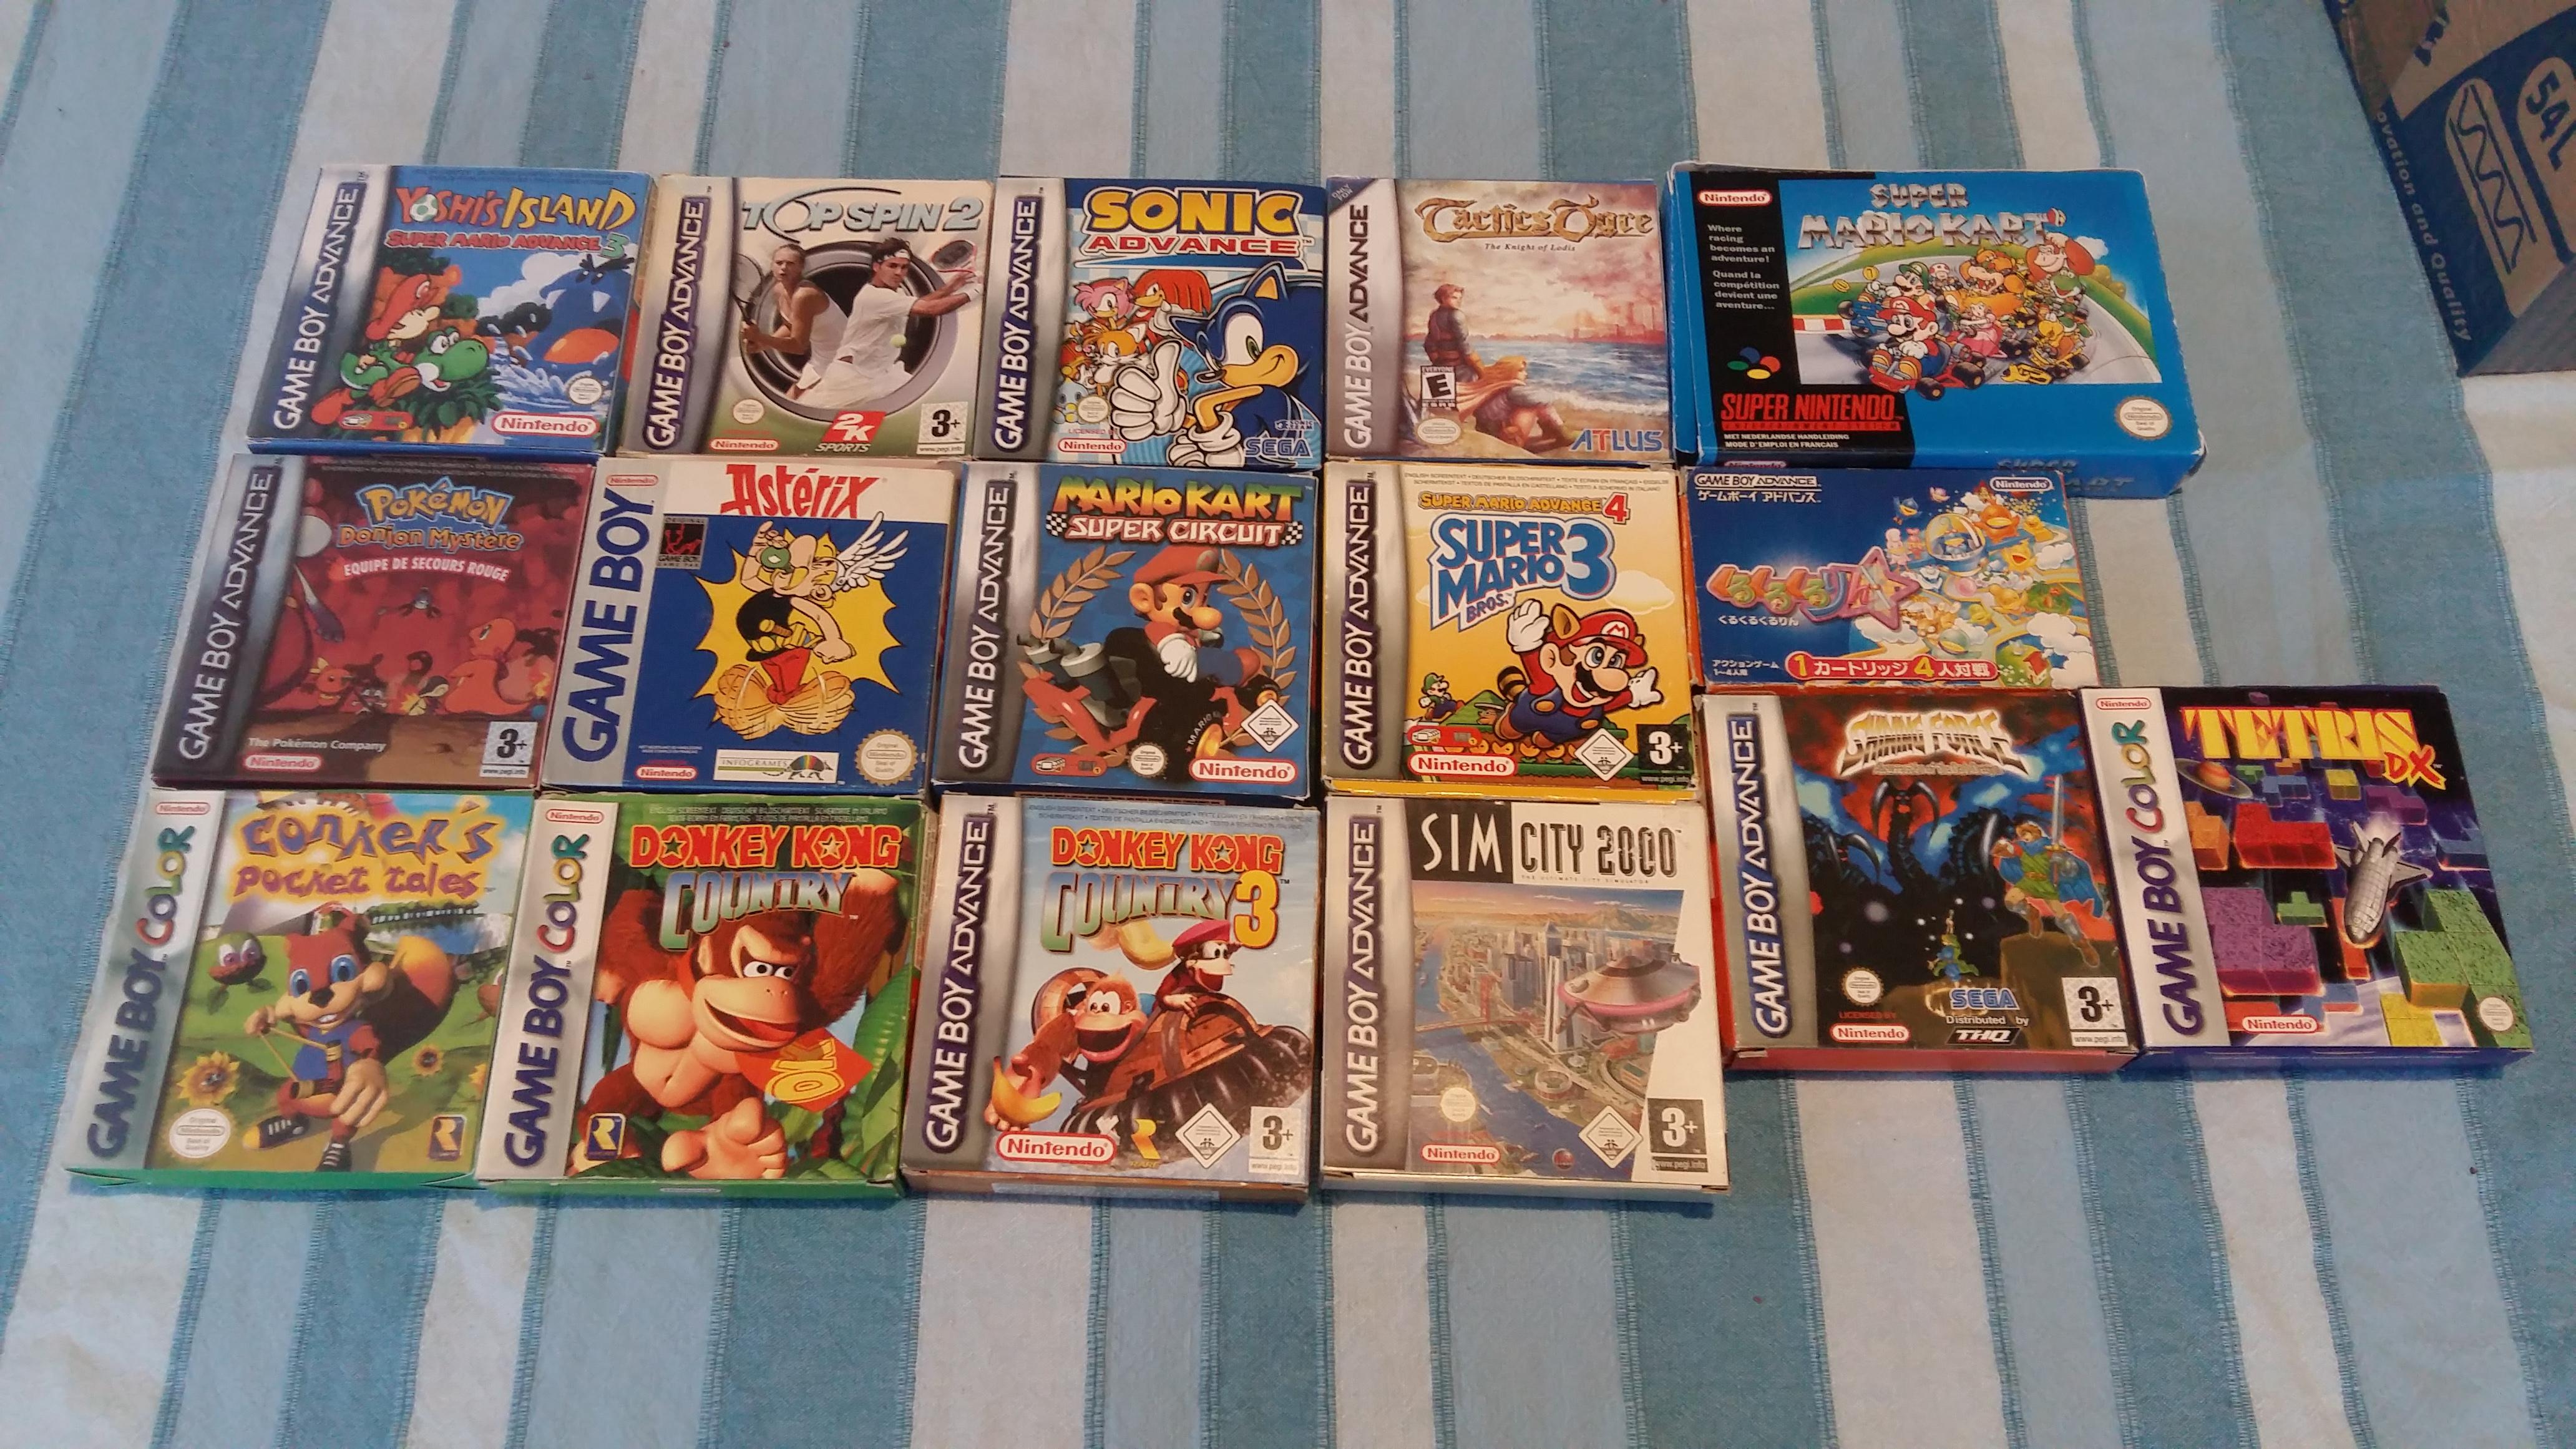 [ECH] Shantae 1/2 Genie contre Sonic Mania ou Dead Cells ou quelque chose de mes recherches - Page 3 181216034400455556